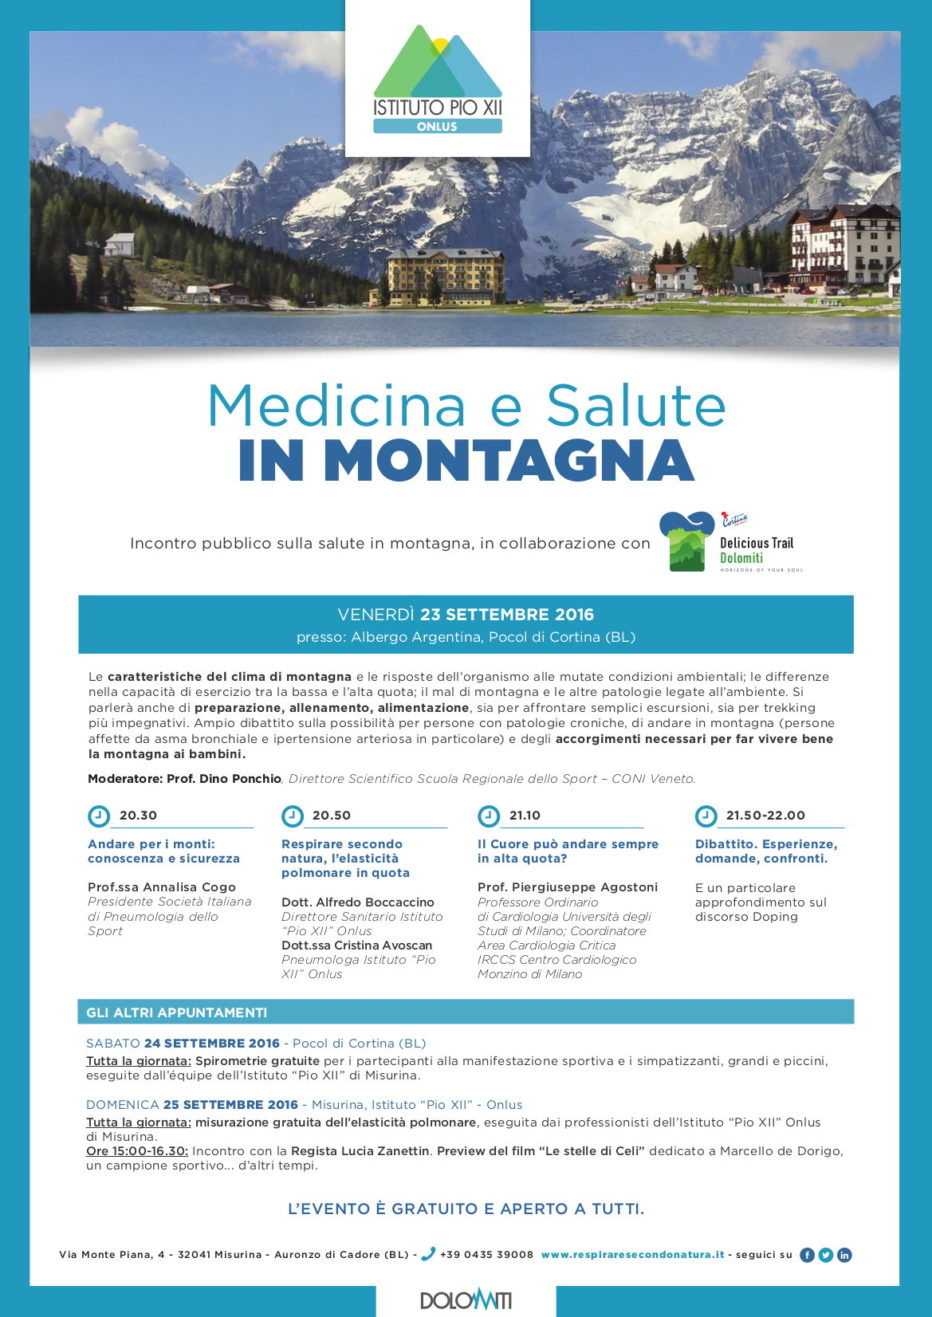 Delicious Trail Dolomiti: Medicina e salute in montagna